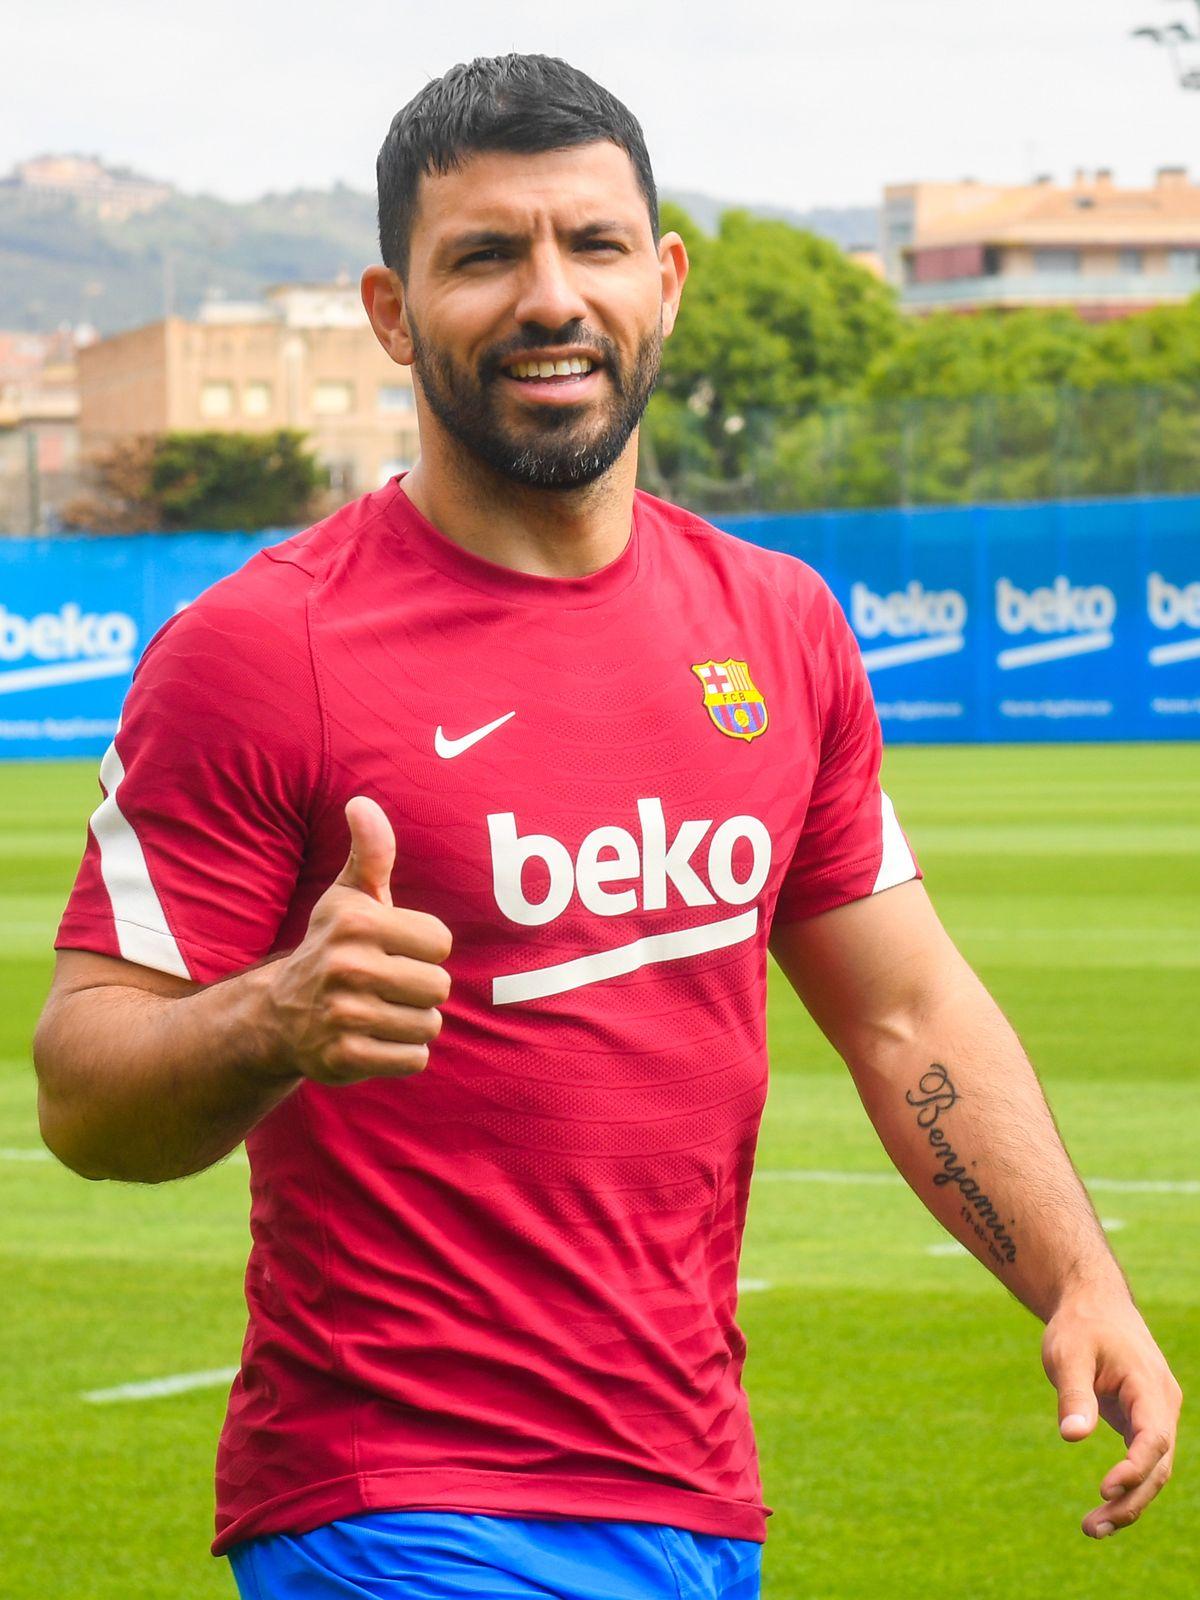 El Kun Agüero tuvo su primer día como jugador del Barcelona.